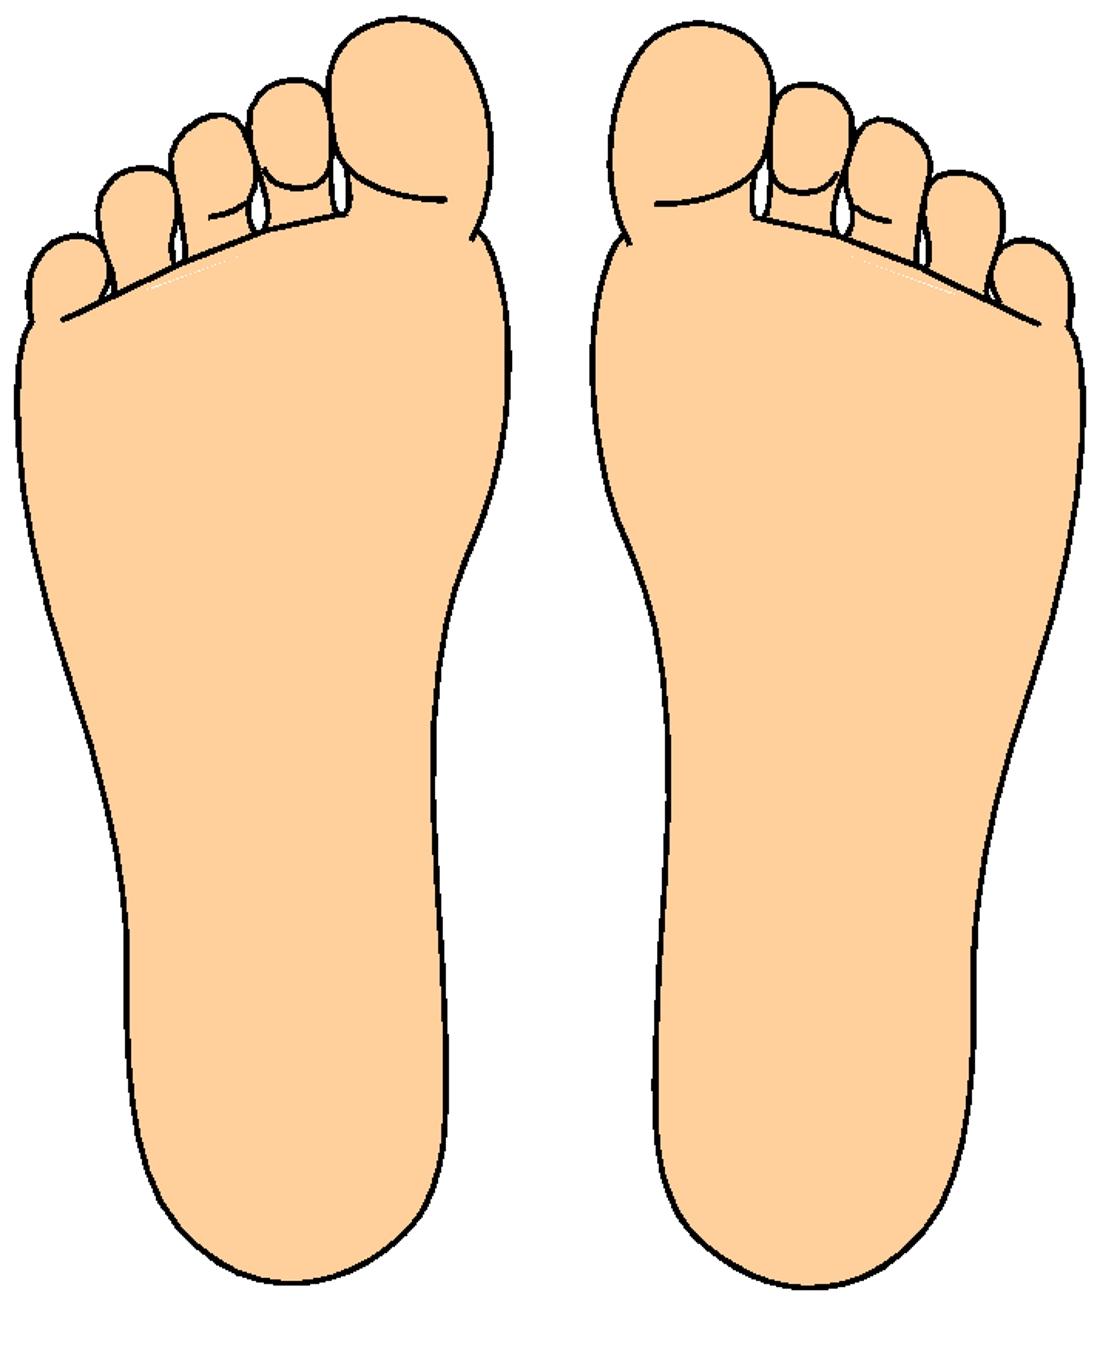 только болезни стопа и пальцы ног картинки всё потому, что